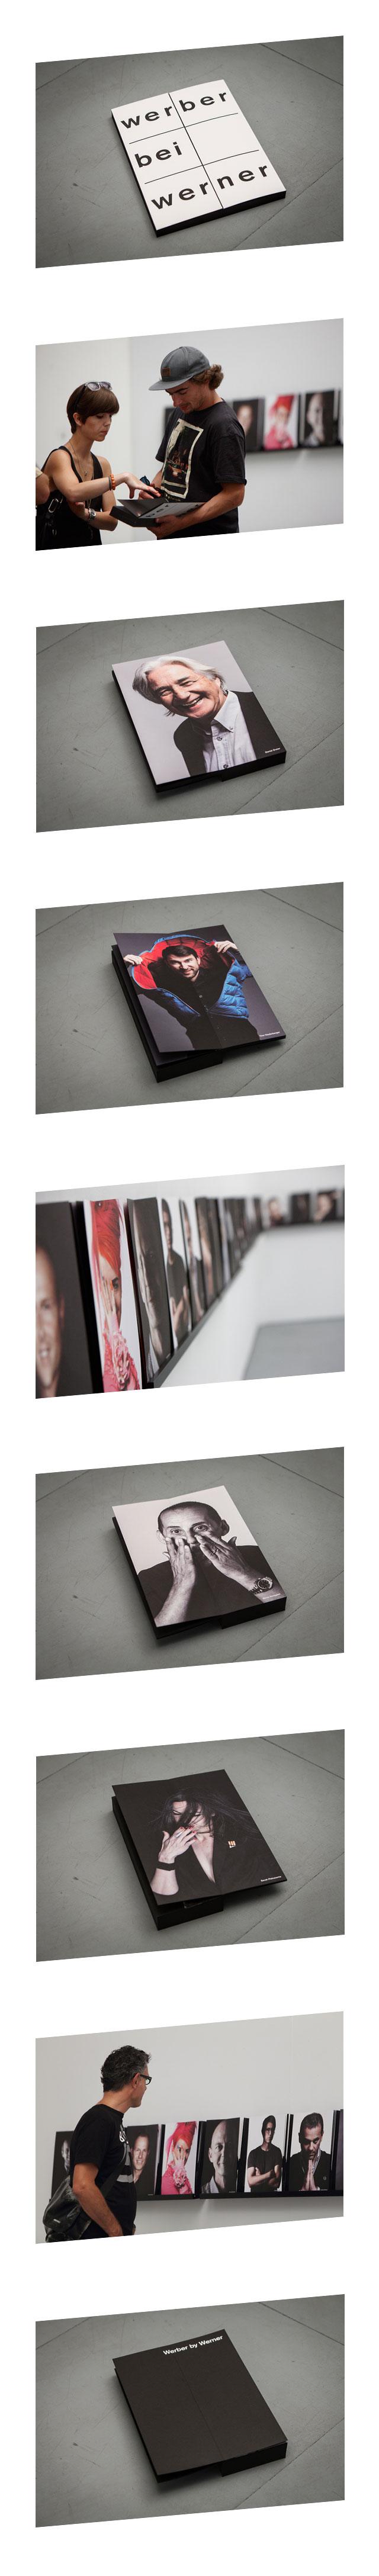 GLUNZ Projekt: Werber bei Werner - Mobile Version